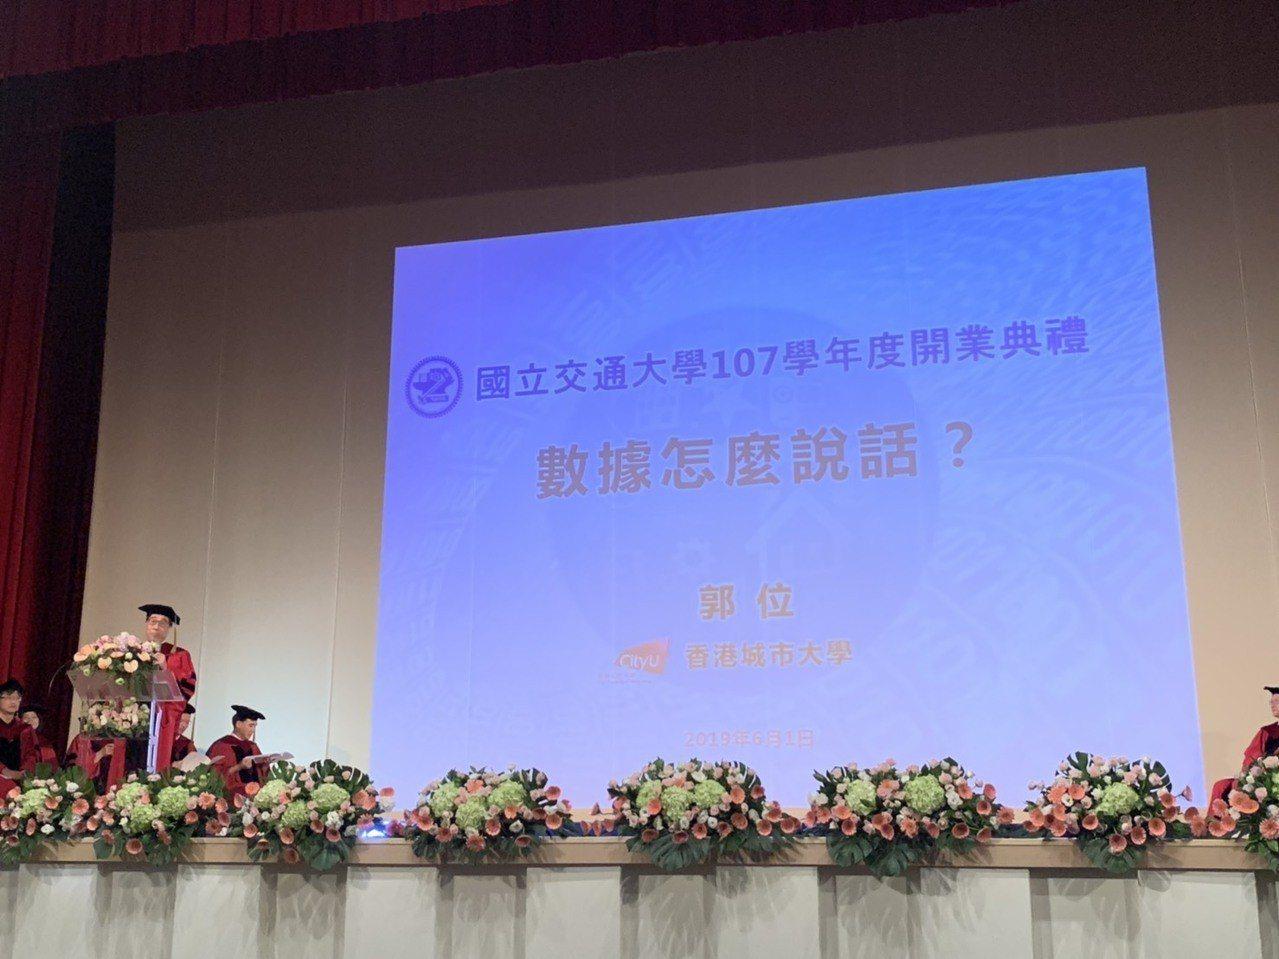 國立交通大學今日舉辦開業典禮,香港城市大學校長郭位獲邀演講,並以「數據怎麼說話?...